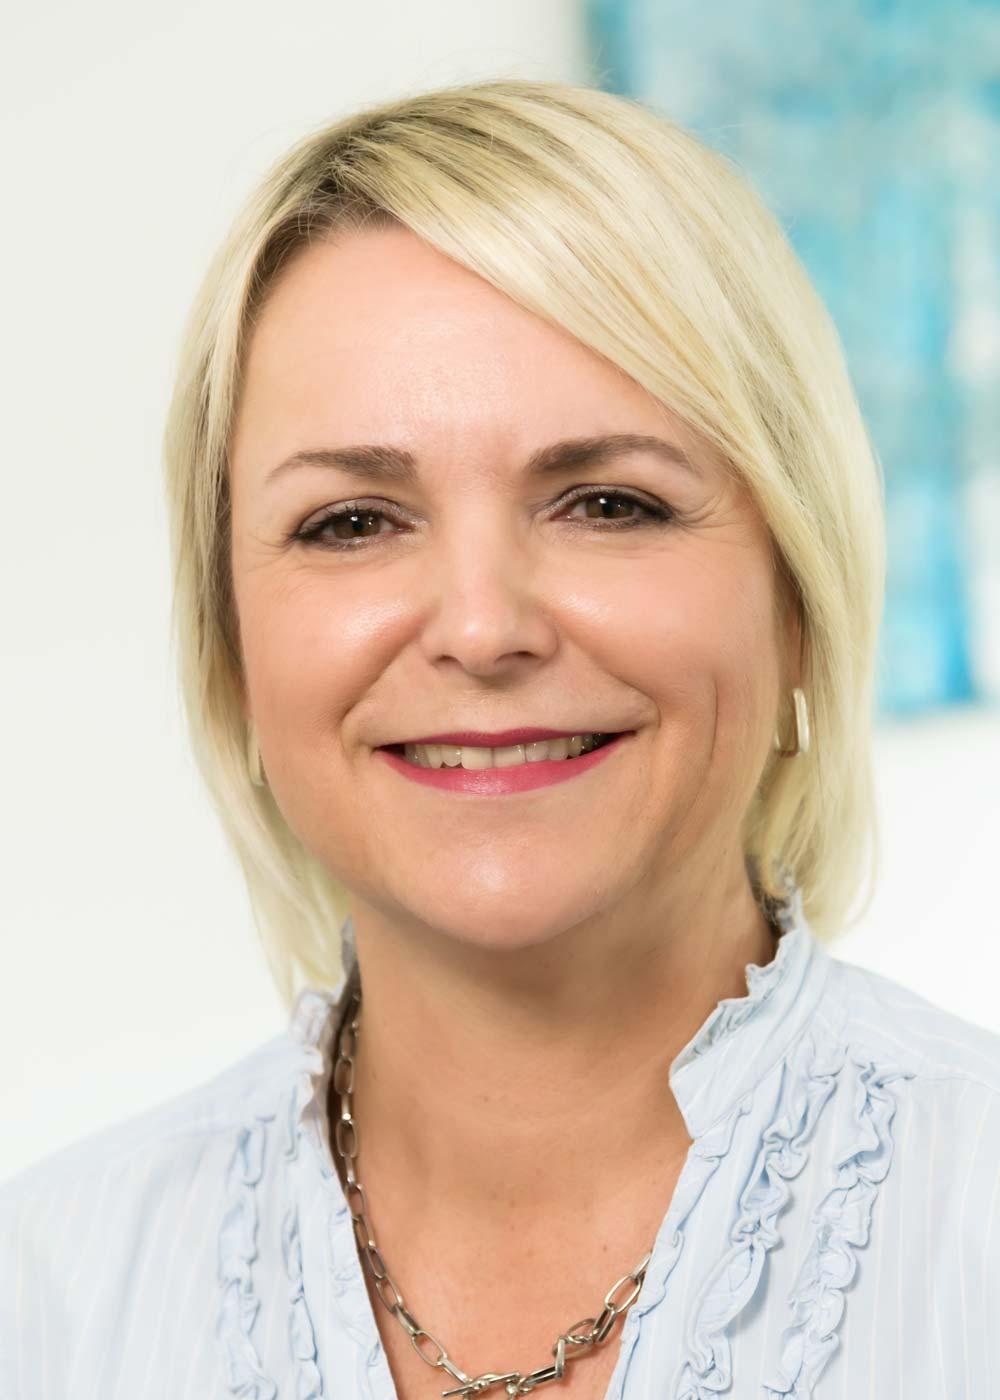 Carmen Siegert